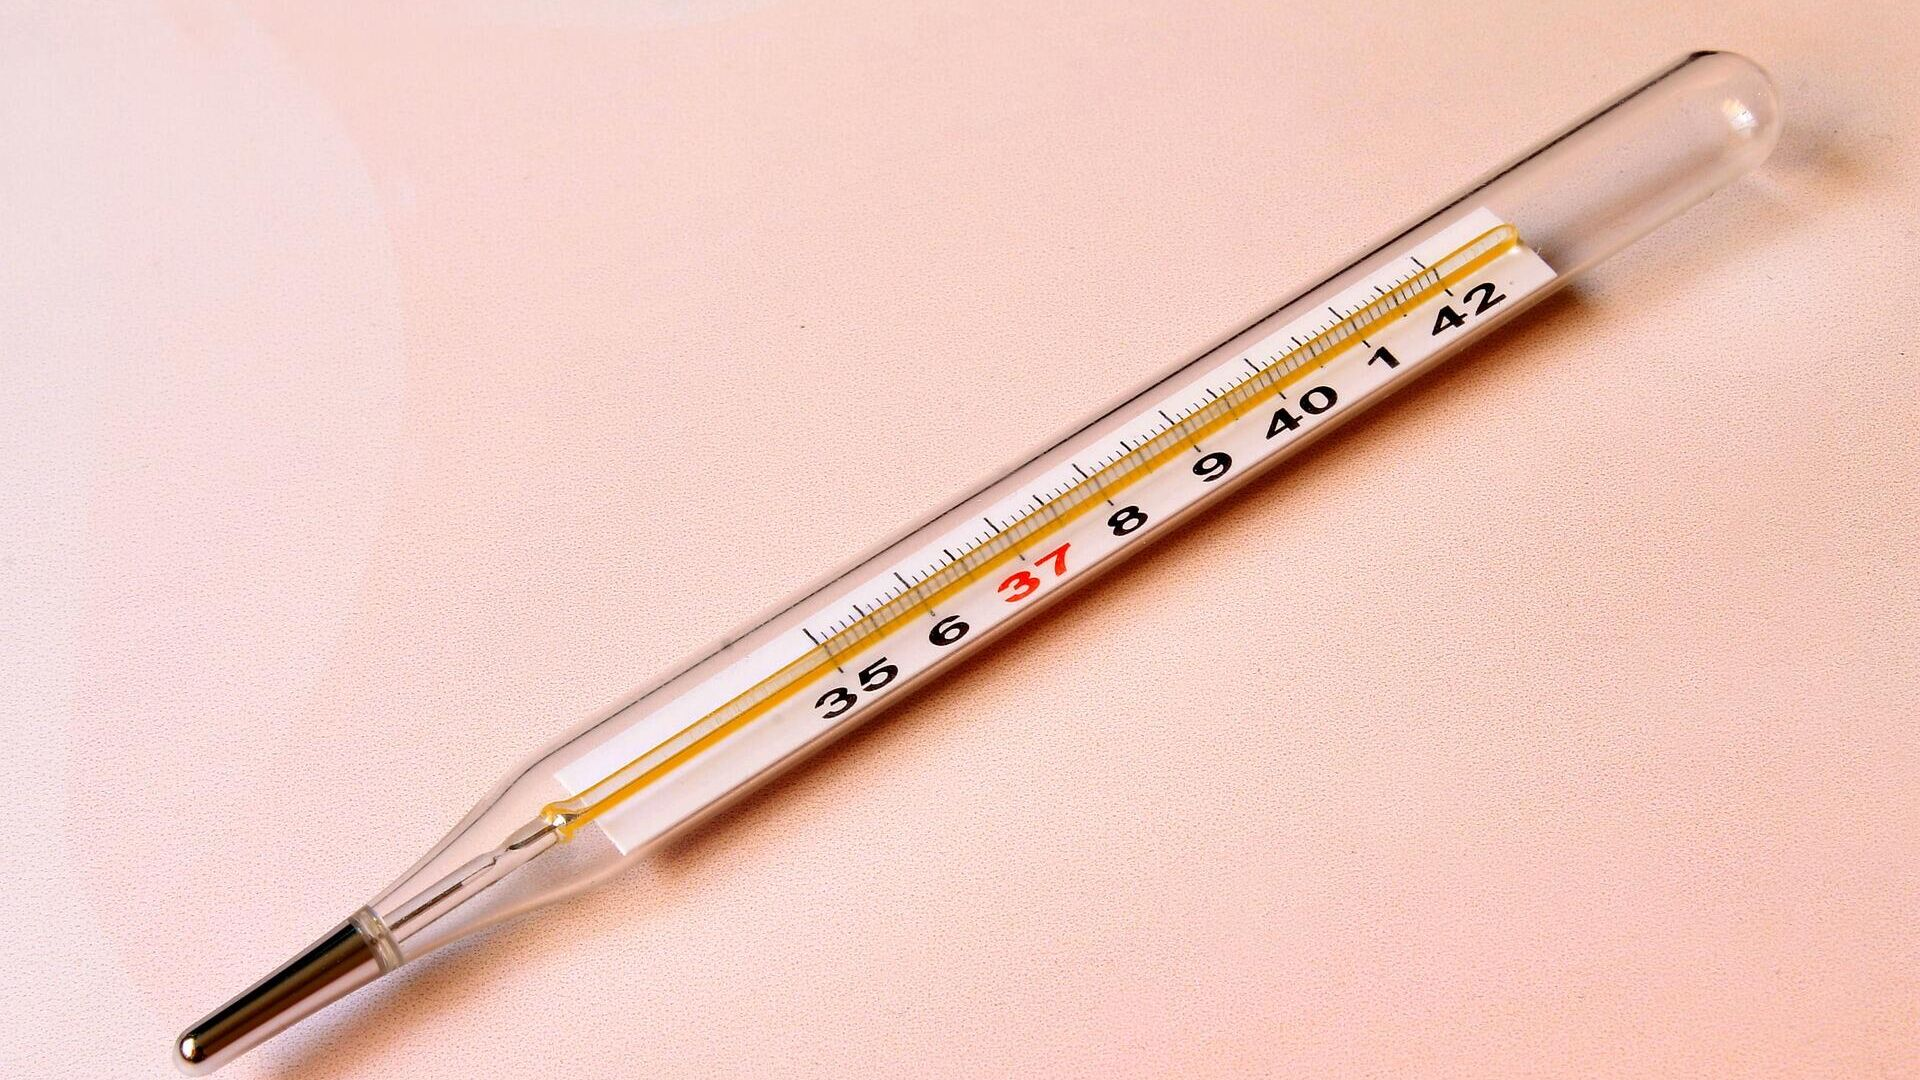 Un termómetro - Sputnik Mundo, 1920, 29.08.2021